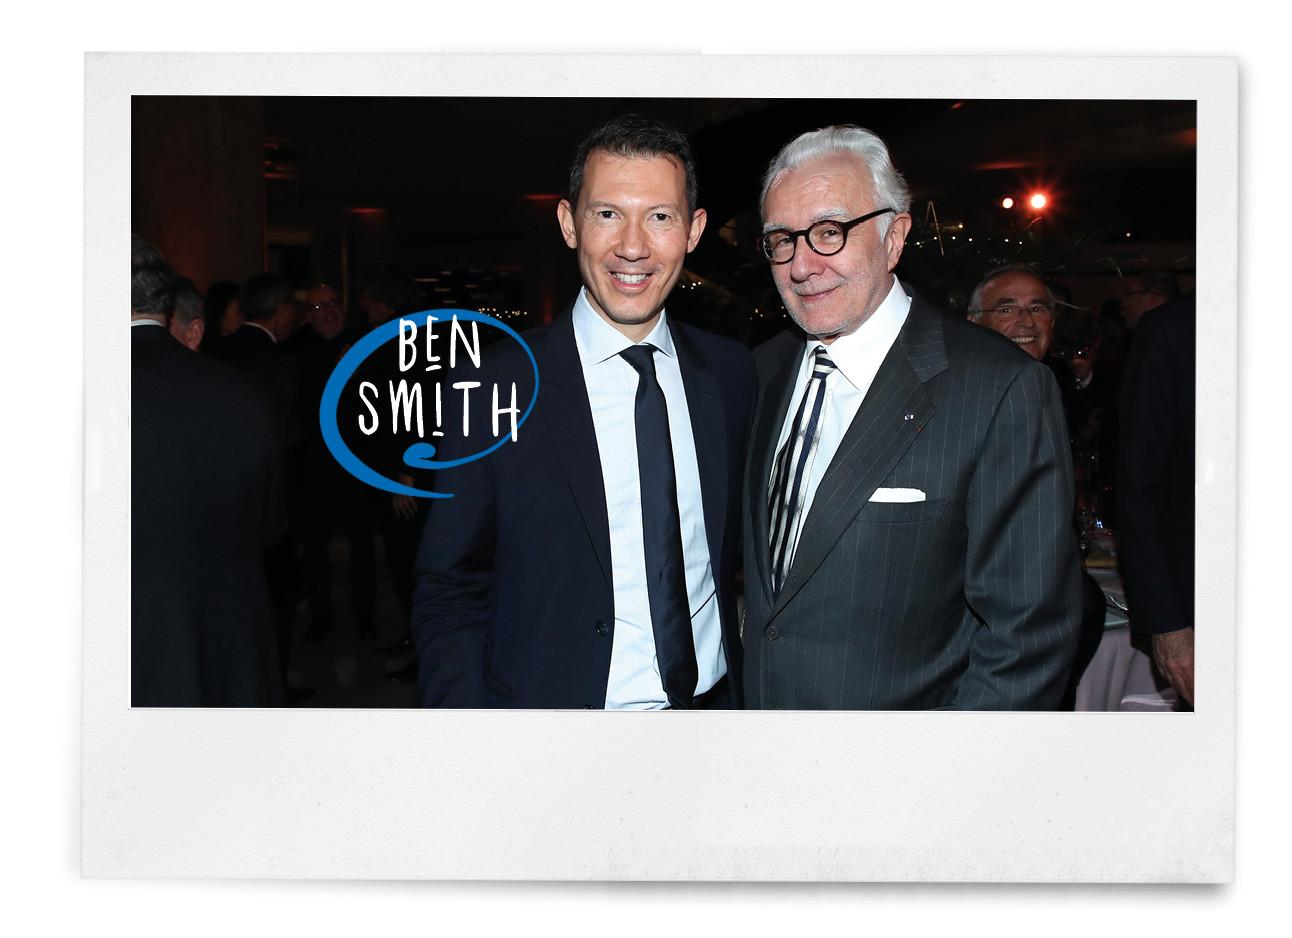 Beste Ben Smith lachend in een pak bij een diner in paris